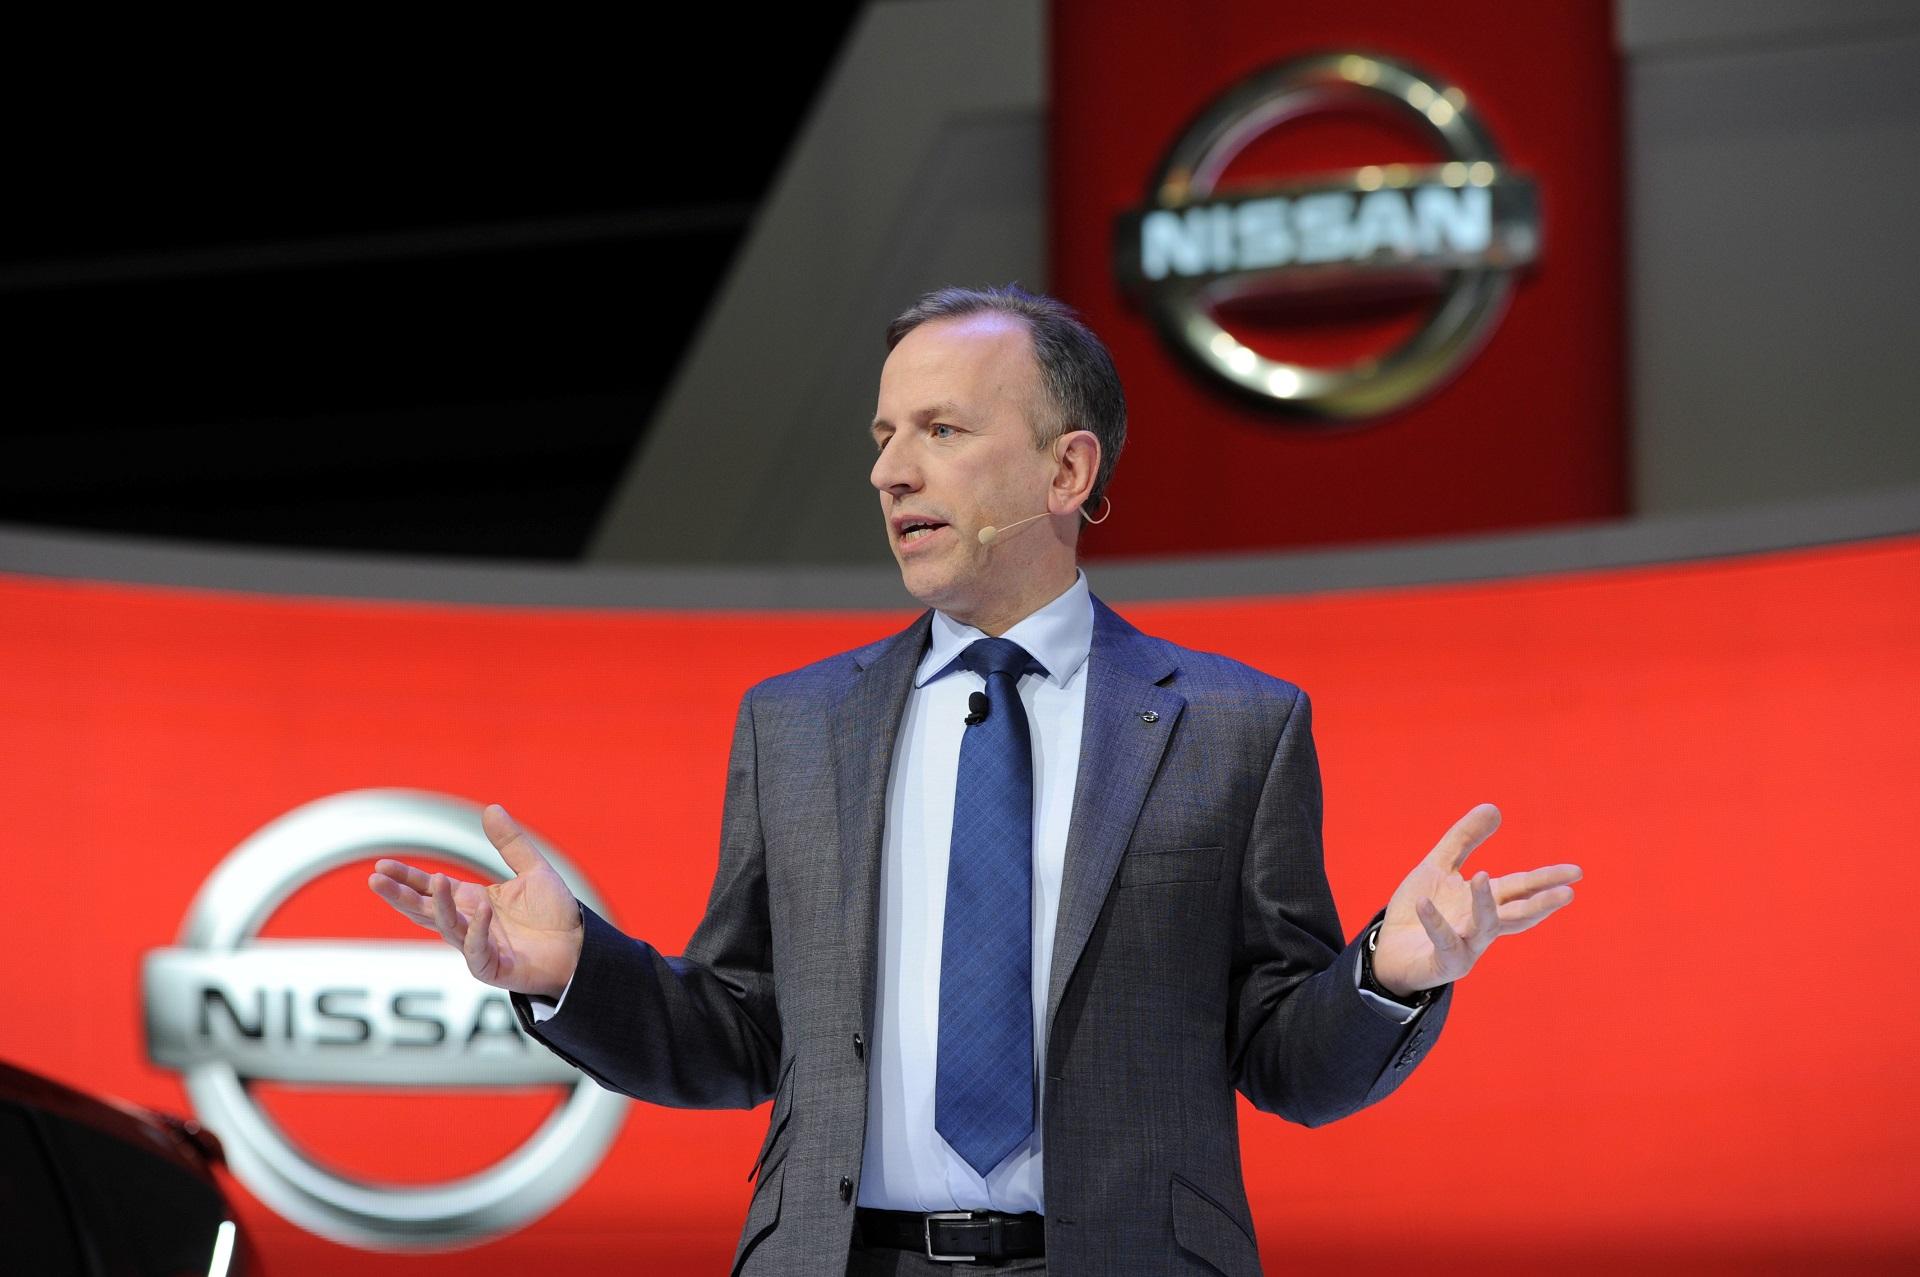 Пол Уиллкокс (Paul Willcox), Глава Nissan в Европе